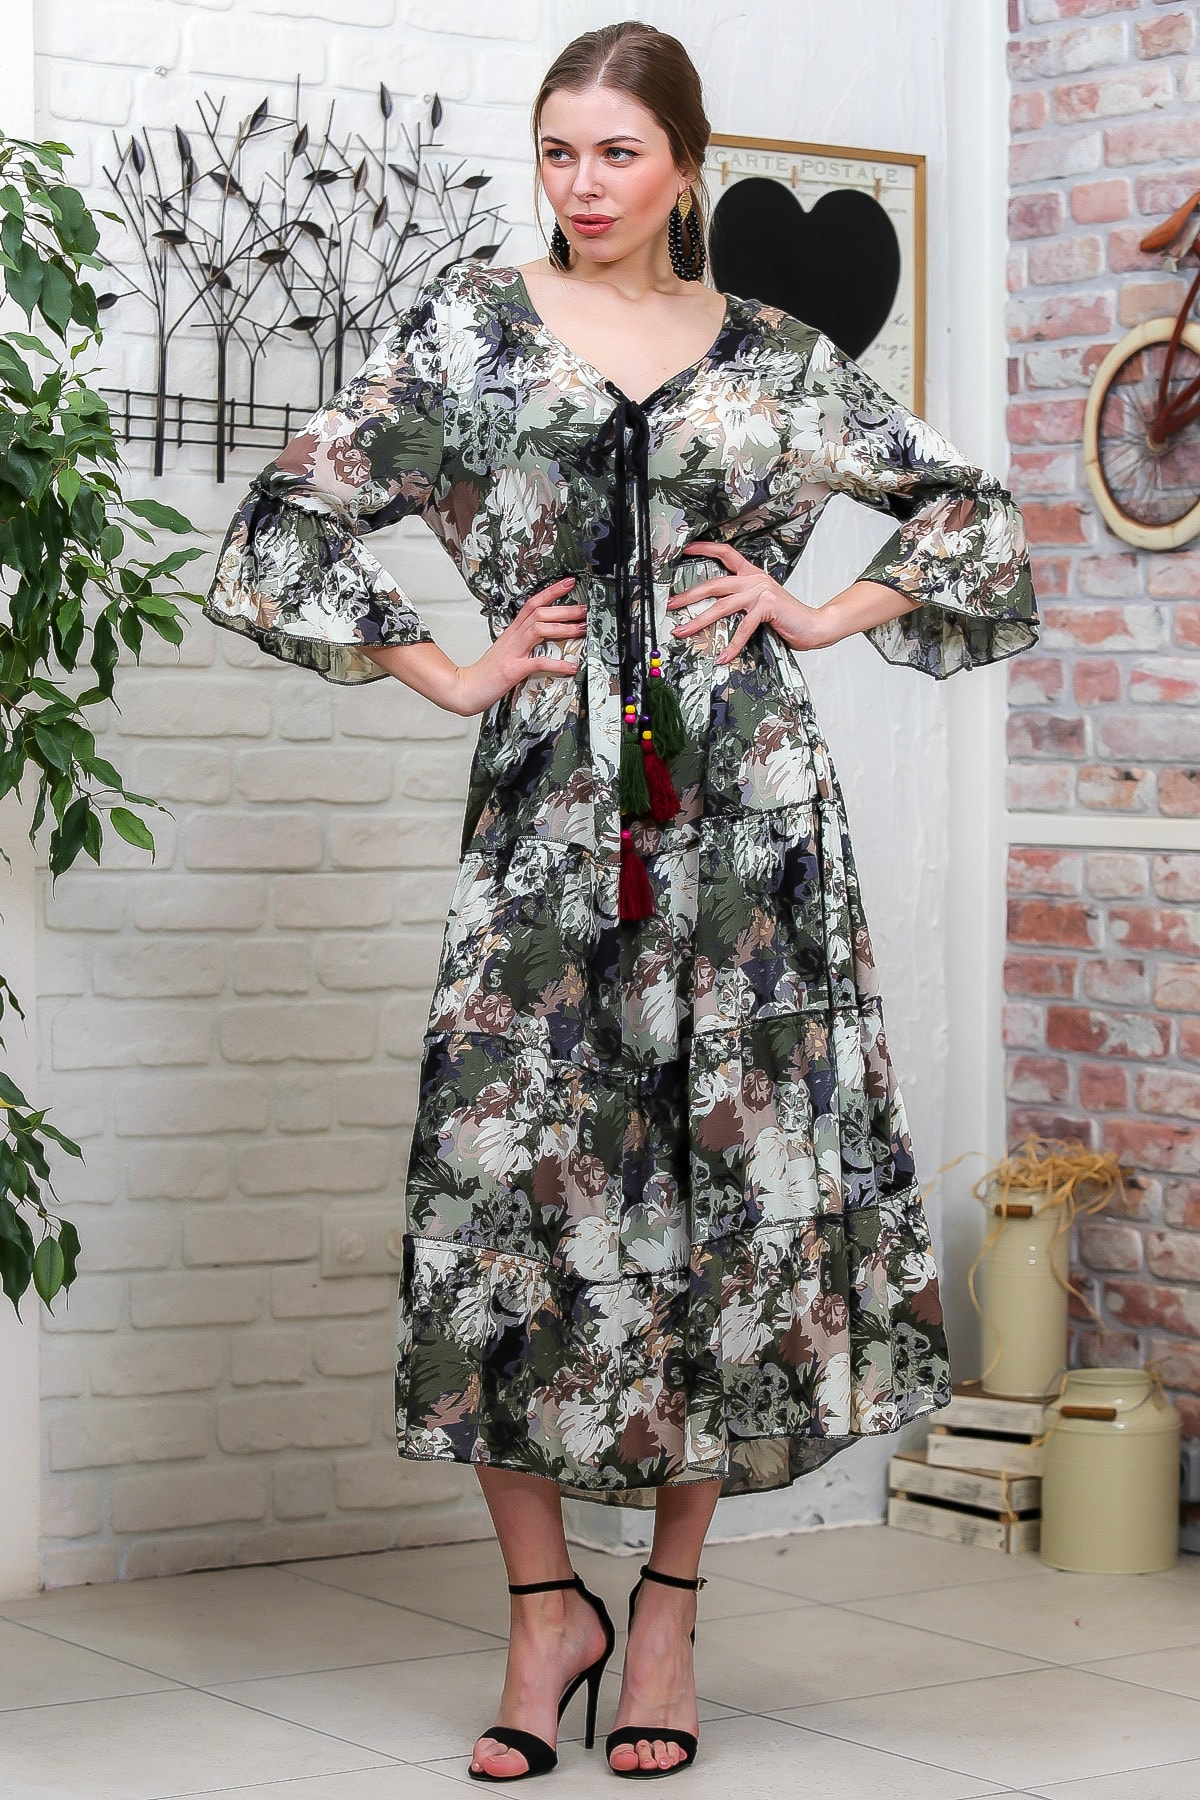 Chiccy Kadın Yeşil-Krem Suluboya Çiçek Desenli Püskül Bağcıklı Kat Kat Salaş Uzun Elbise M10160000EL95621 2